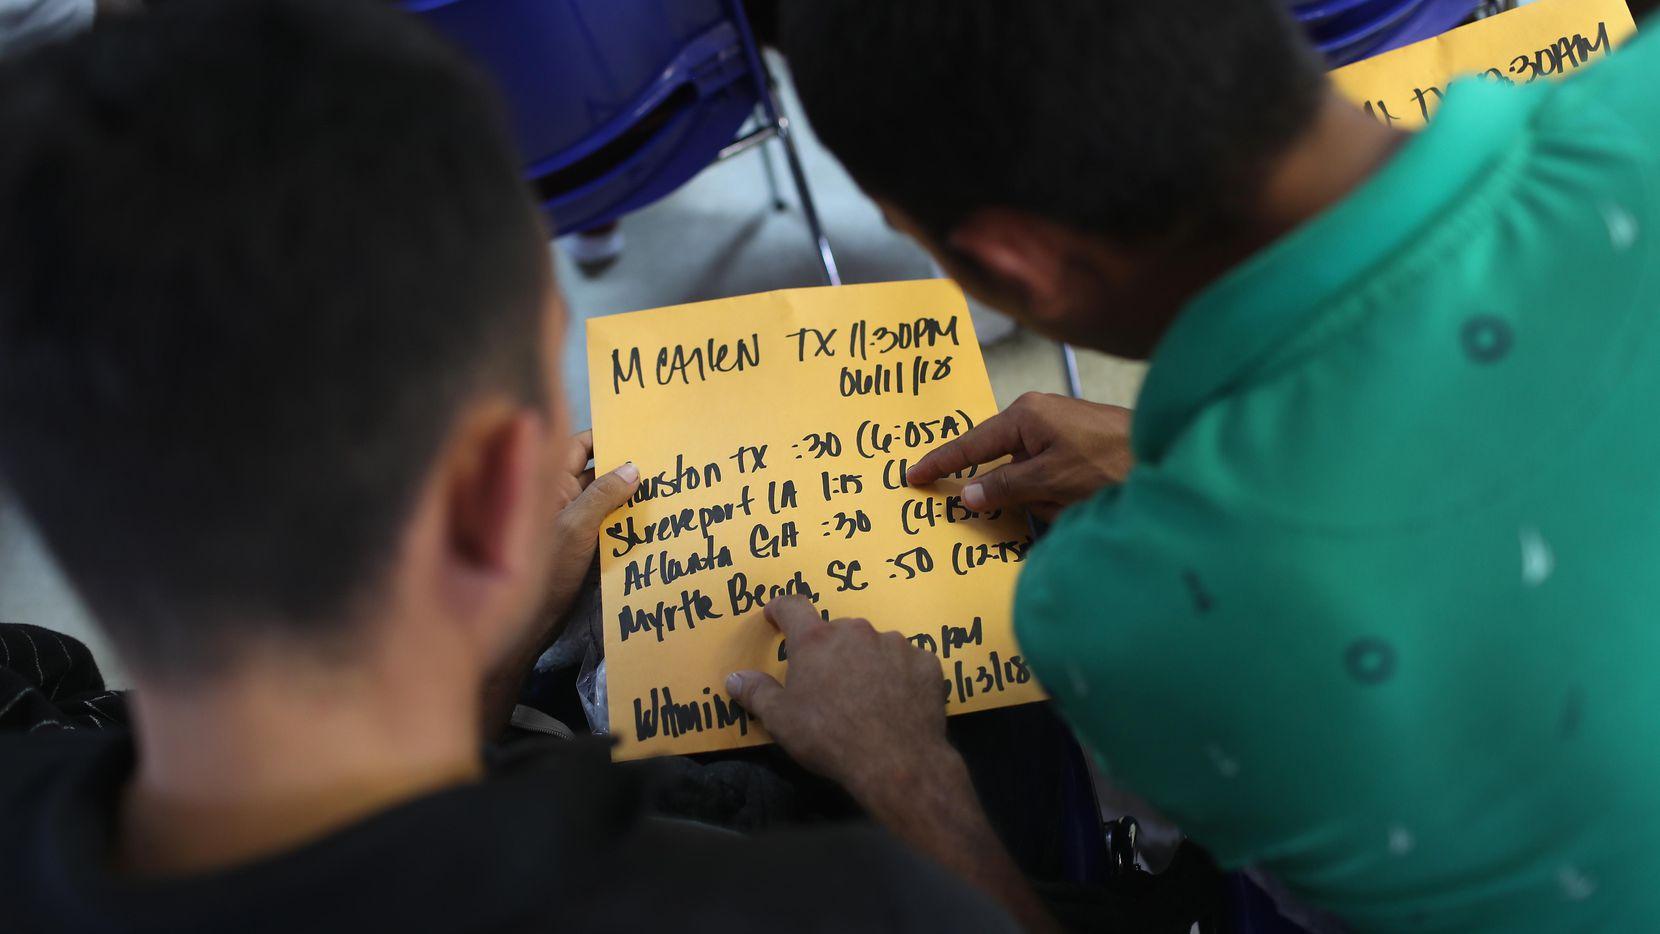 Familias centroamericanas en un centro de refugio de Catholic Charities de McAllen vertifican las rutas de autobuses.(GETTY IMAGES)